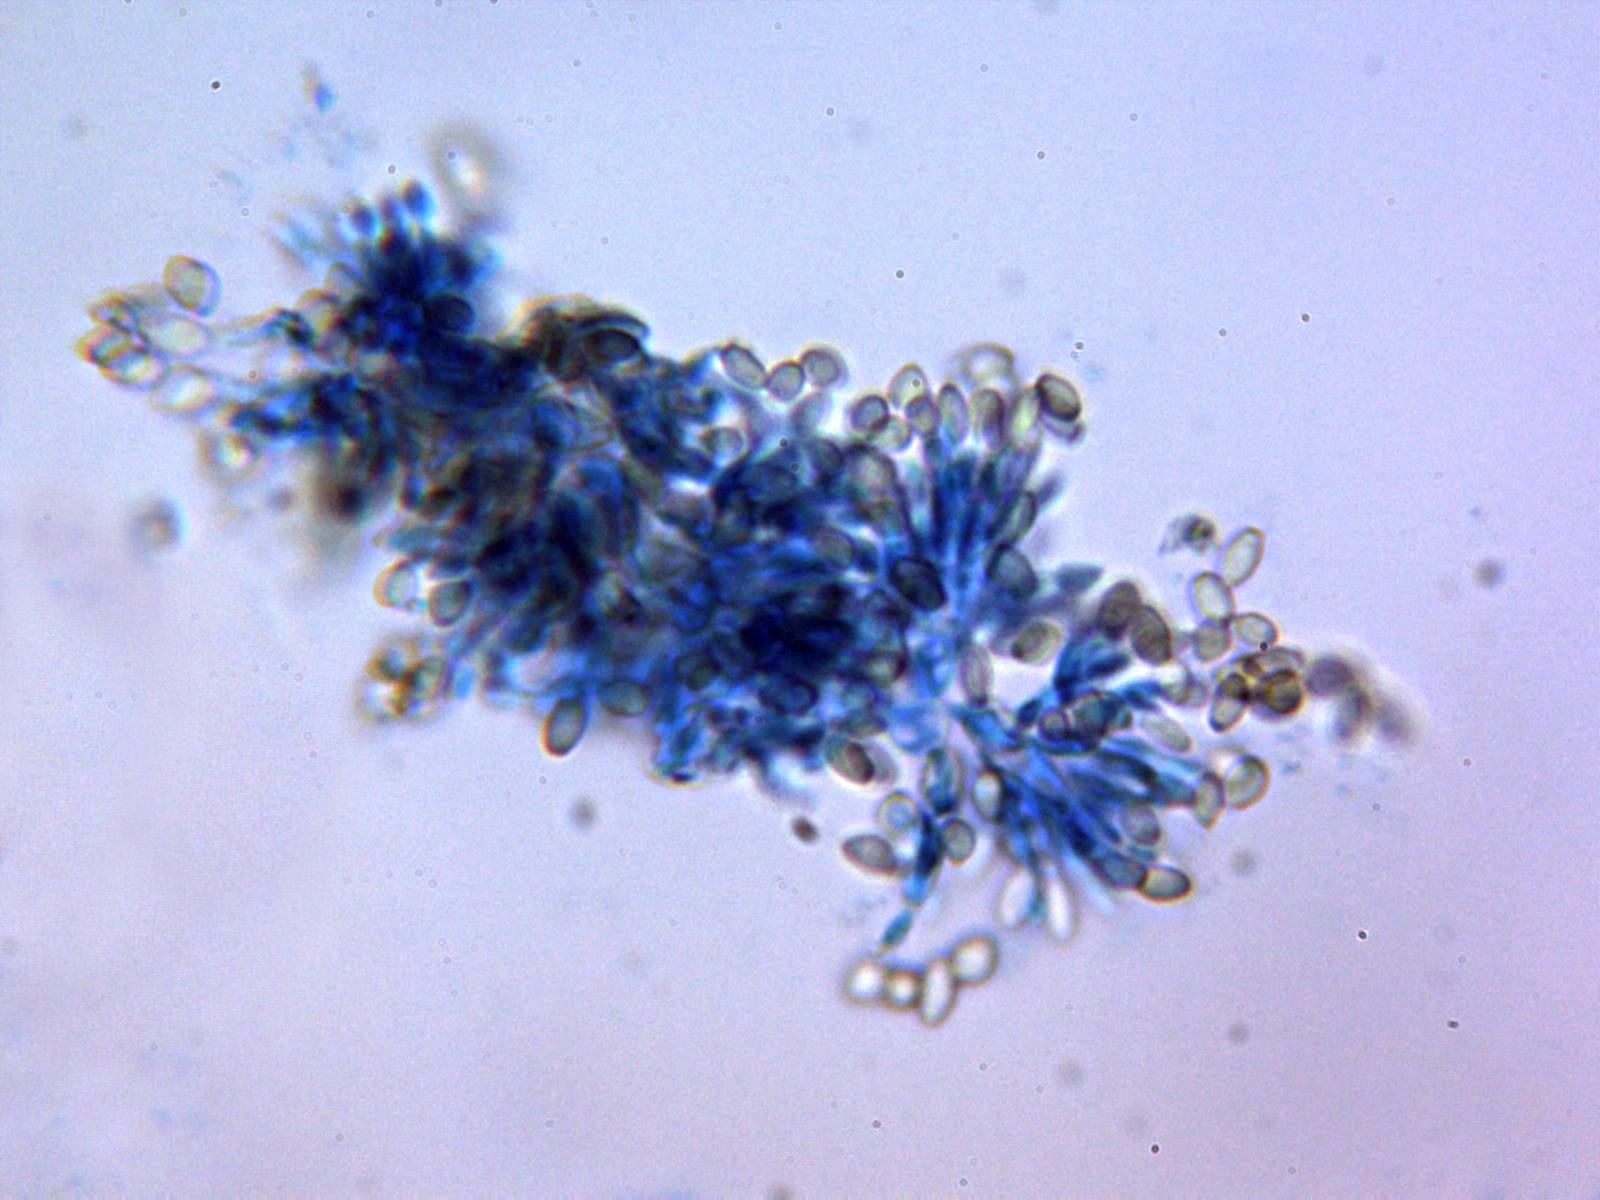 11-ConidiognesisazuldeLactofenol.jpg